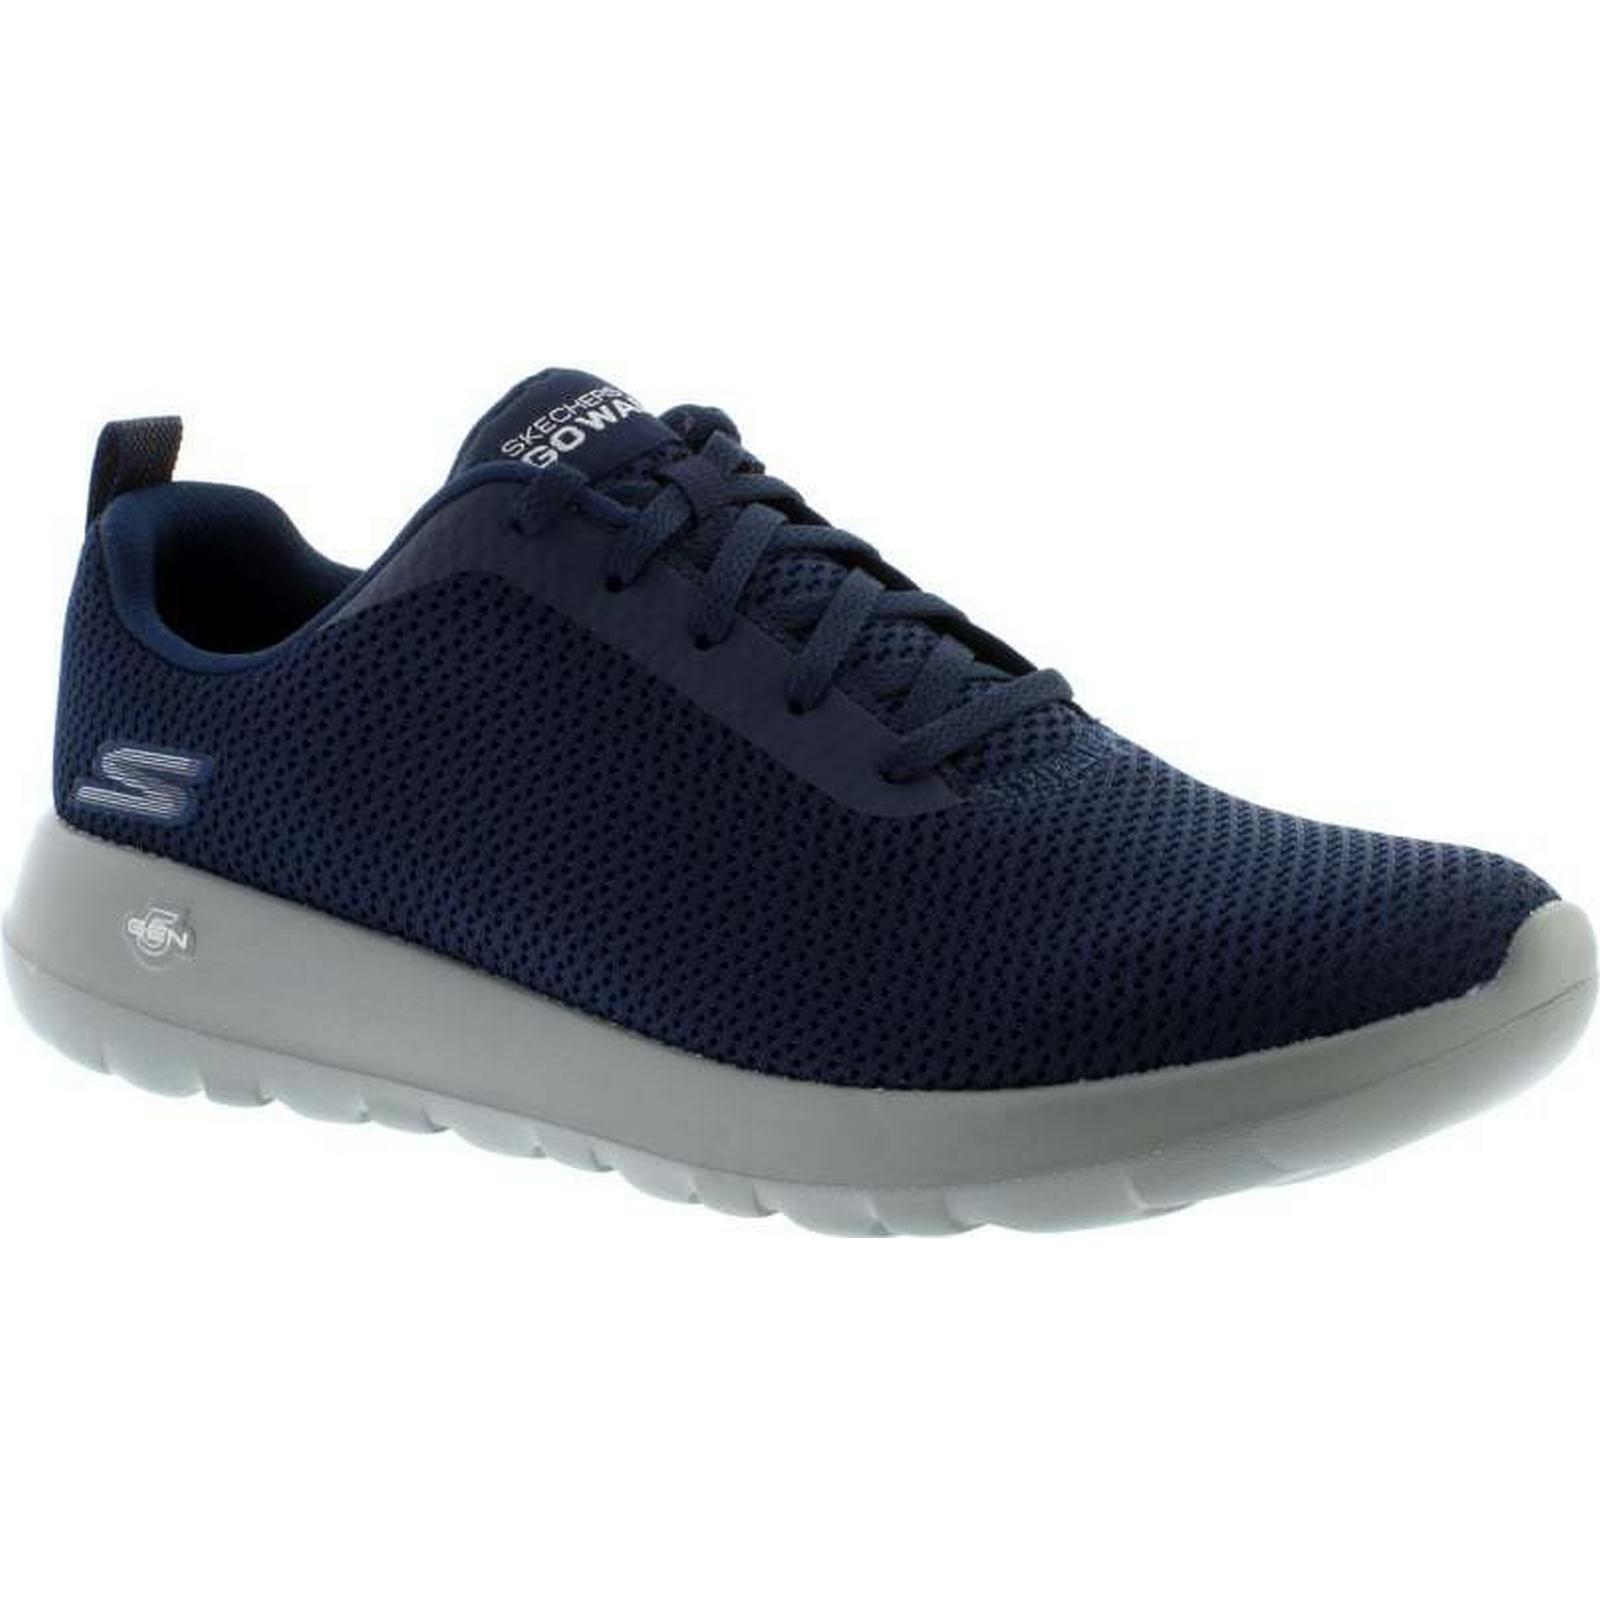 Skechers 54601 Go Navy/Grey Walk Max Effort - Navy/Grey Go Size: 45.5 EU a6c562